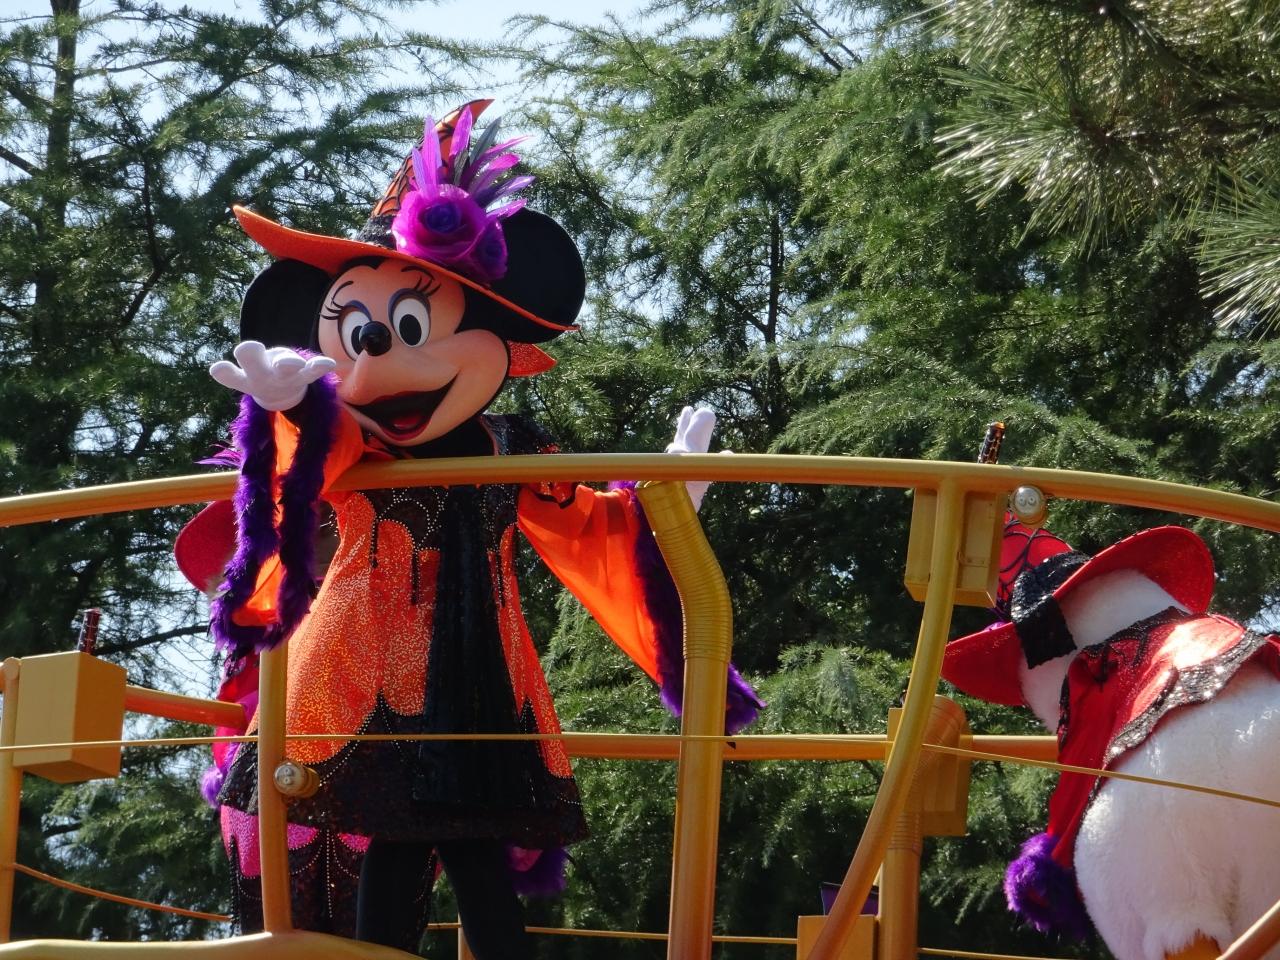 2017ディズニーハロウィンをまったり楽しむ!ディズニーランド/千葉